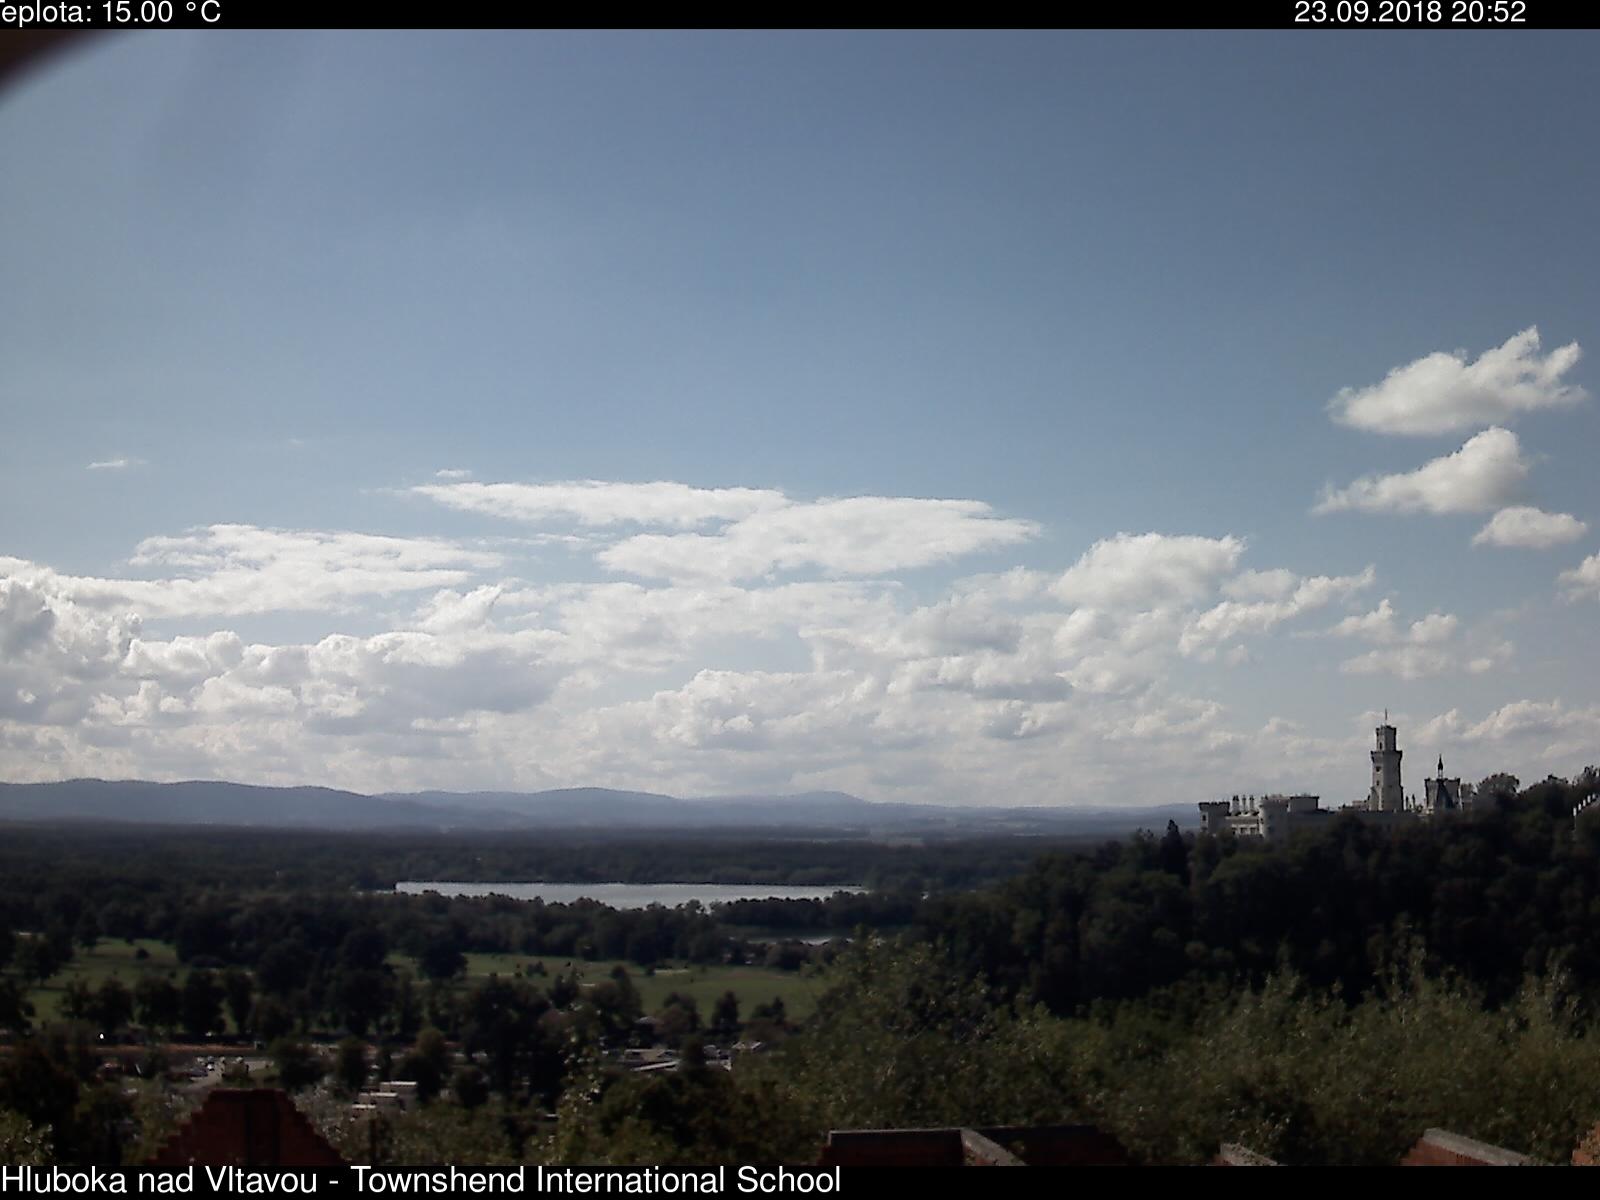 webkamera Hluboká nad Vltavou, Jihočeský kraj